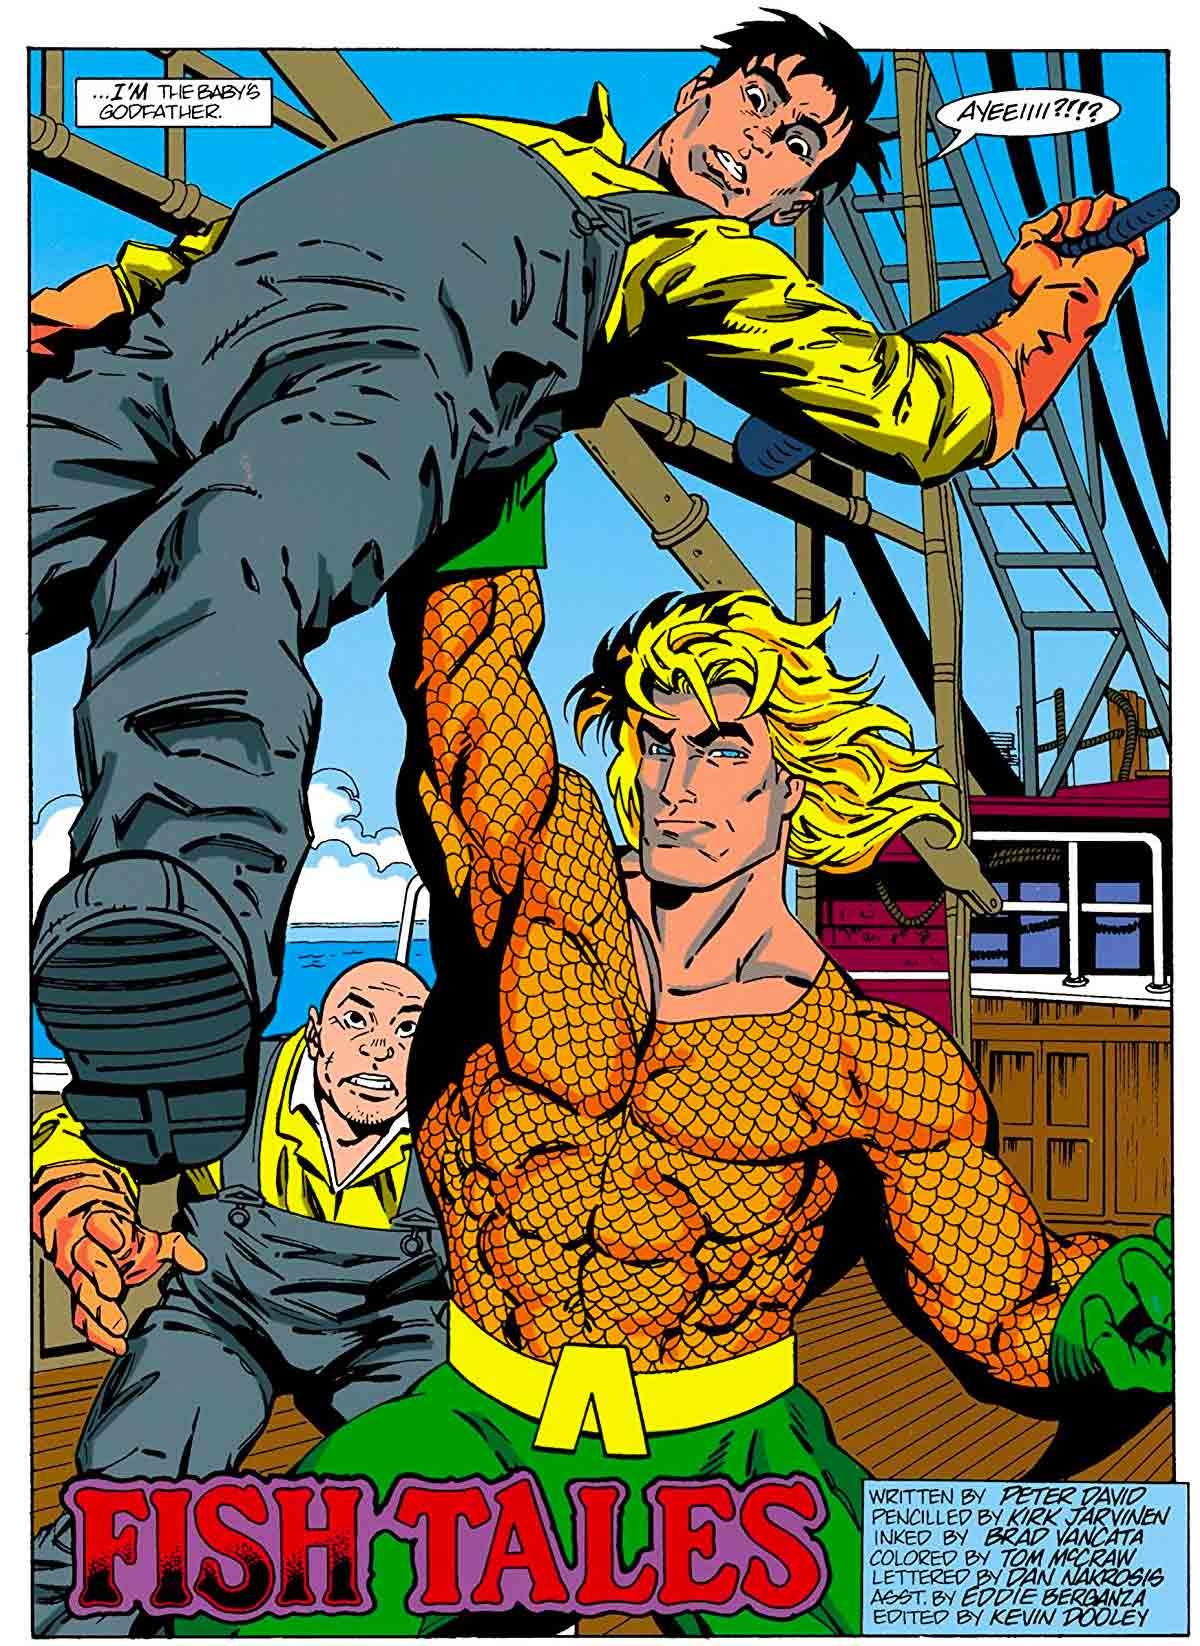 Golem-Comics-Aquaman-Peter-David-Kirk-Jarvinen-04